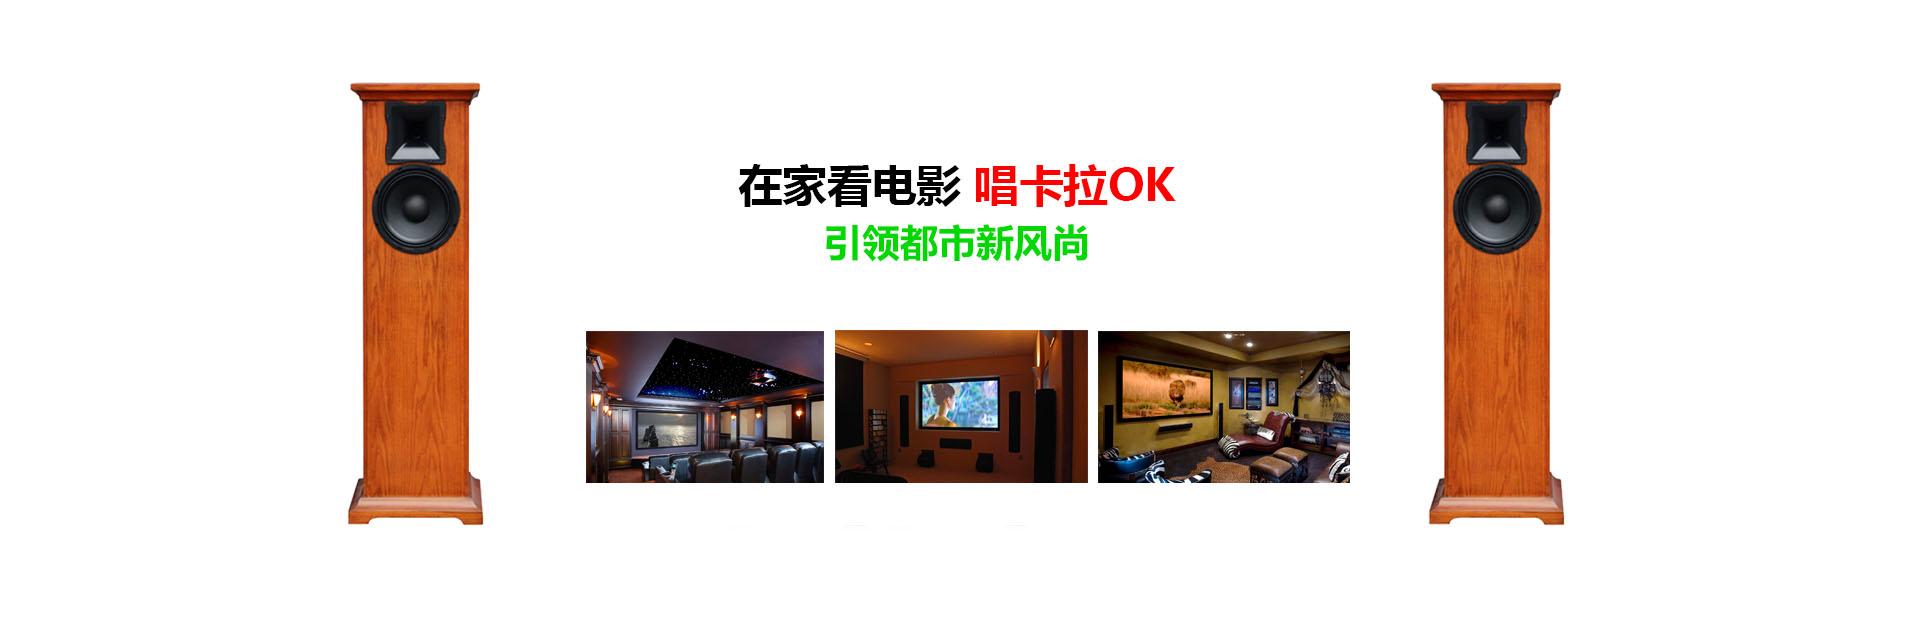 北京火狐体育APP下载电子科技有限公司,家庭影院音响